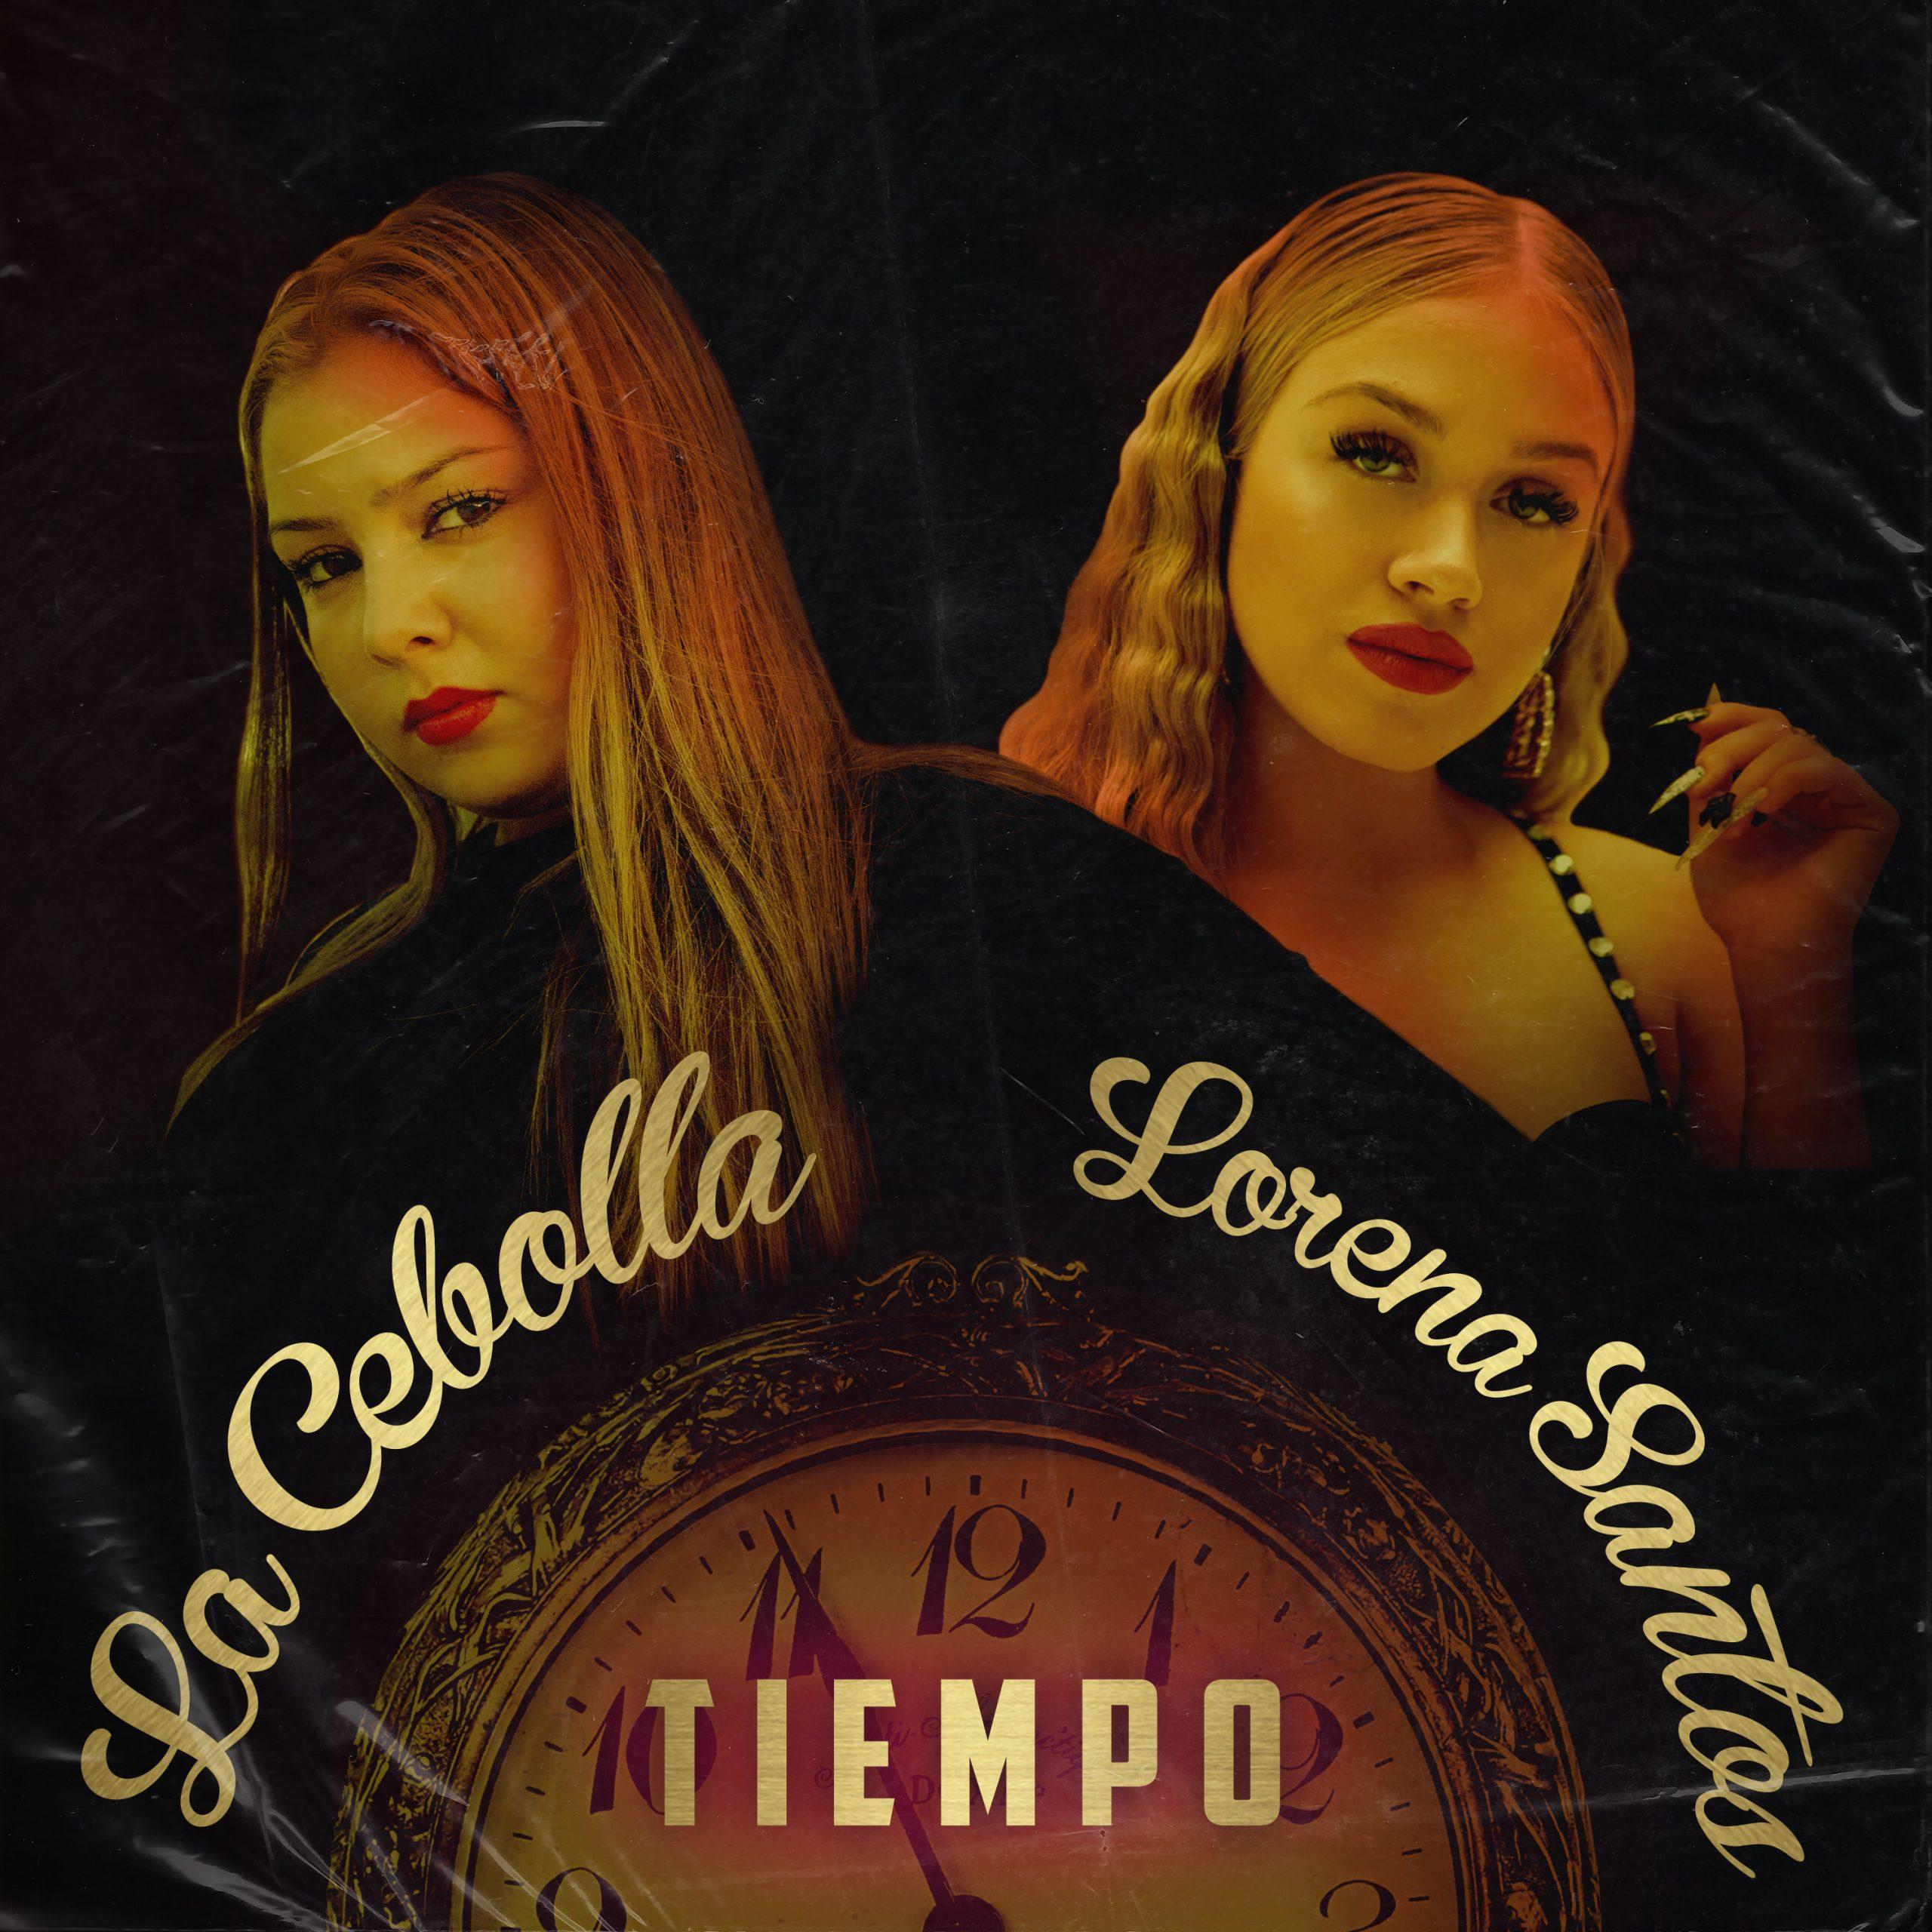 La Cebolla & Lorena Santos - Tiempo (Video)